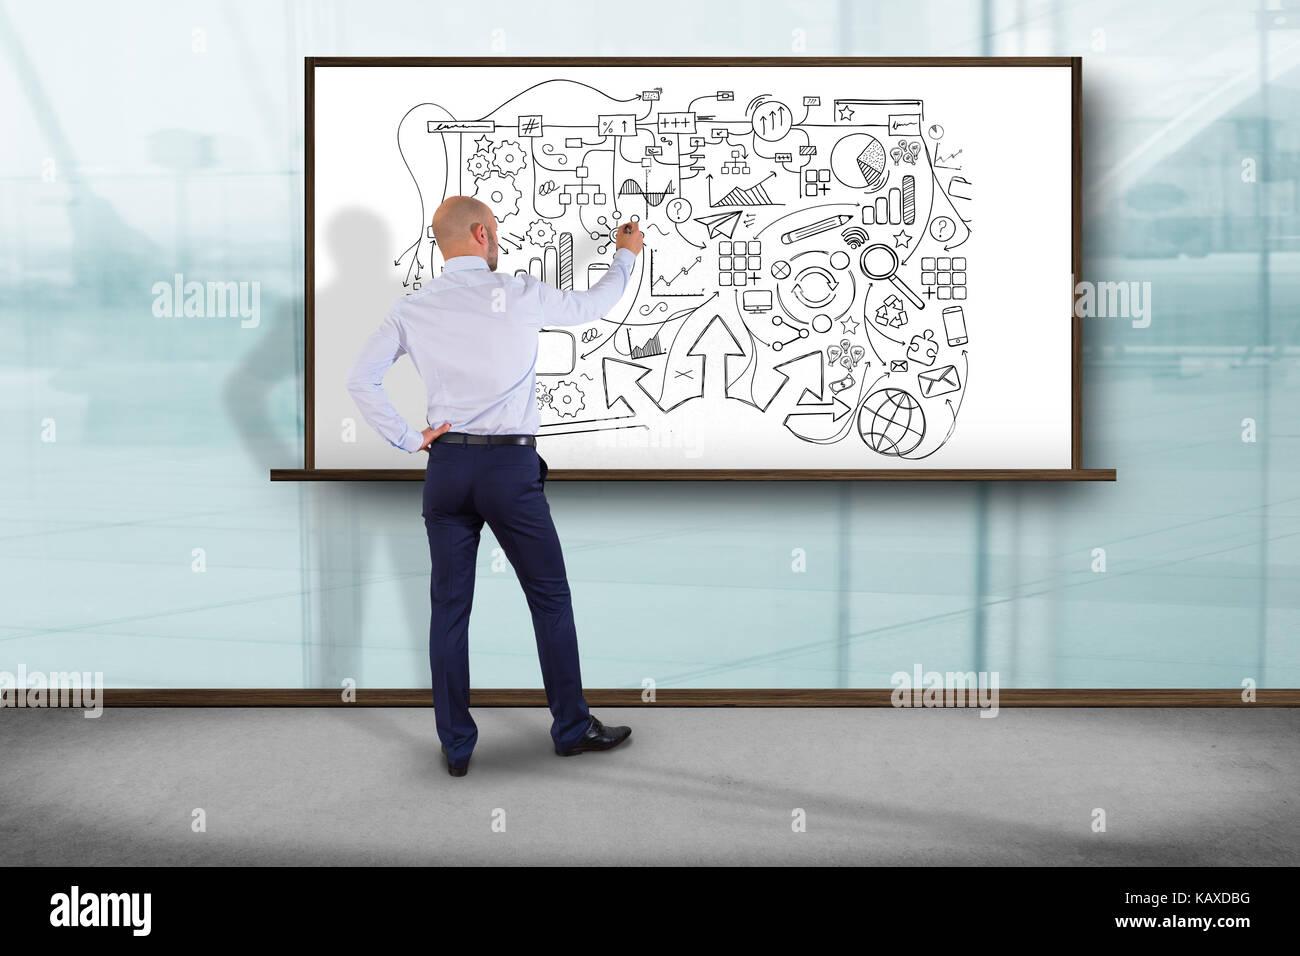 Berühmt Zeichnen Sie Das Schema Online Bilder - Der Schaltplan ...